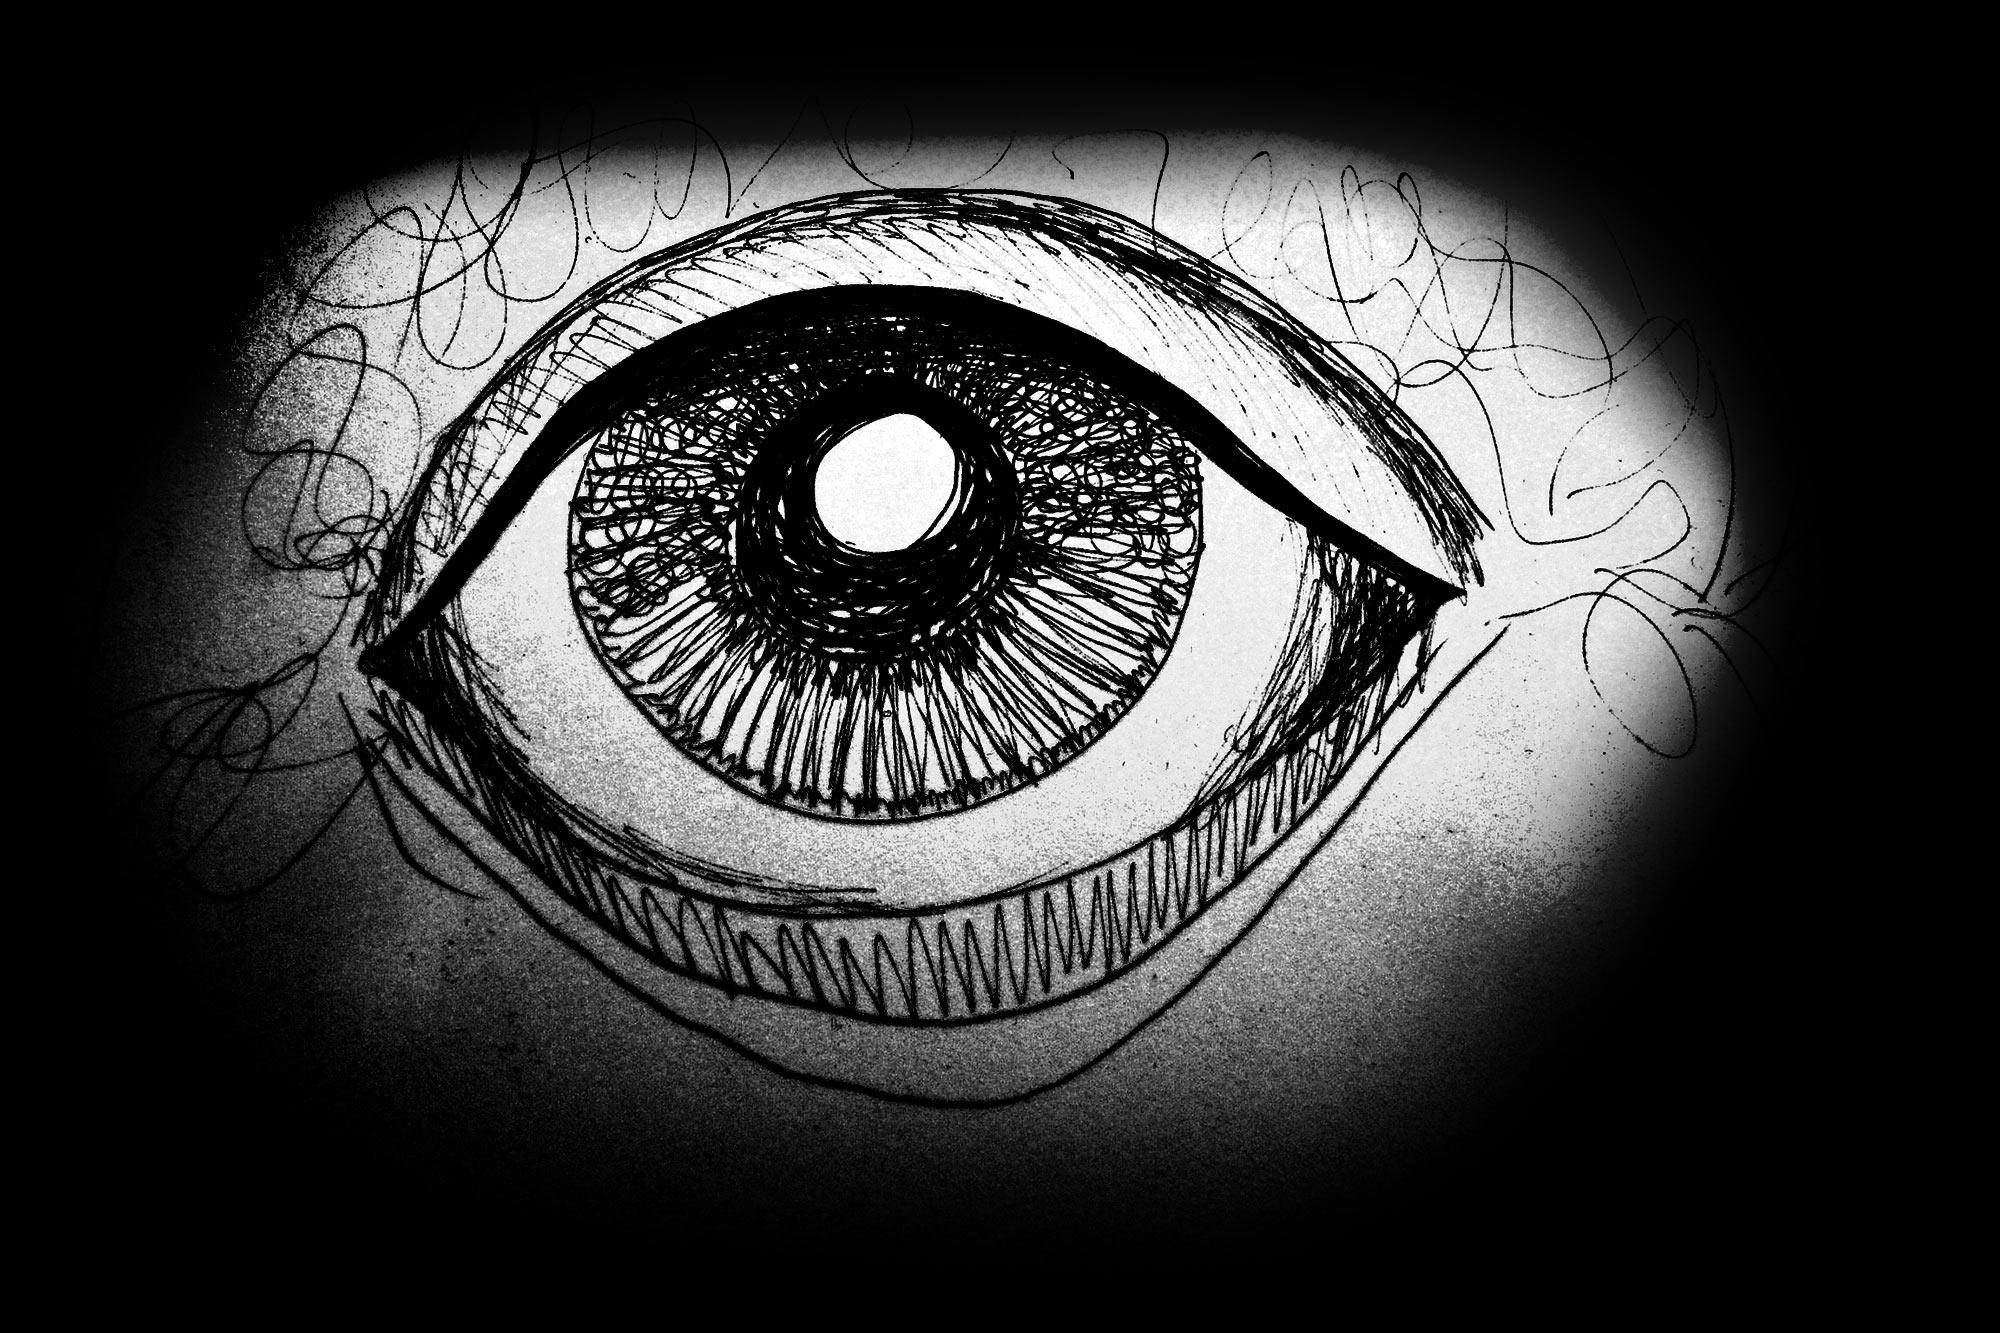 Ilustración gratis - Dibujo de un ojo en la oscuridad